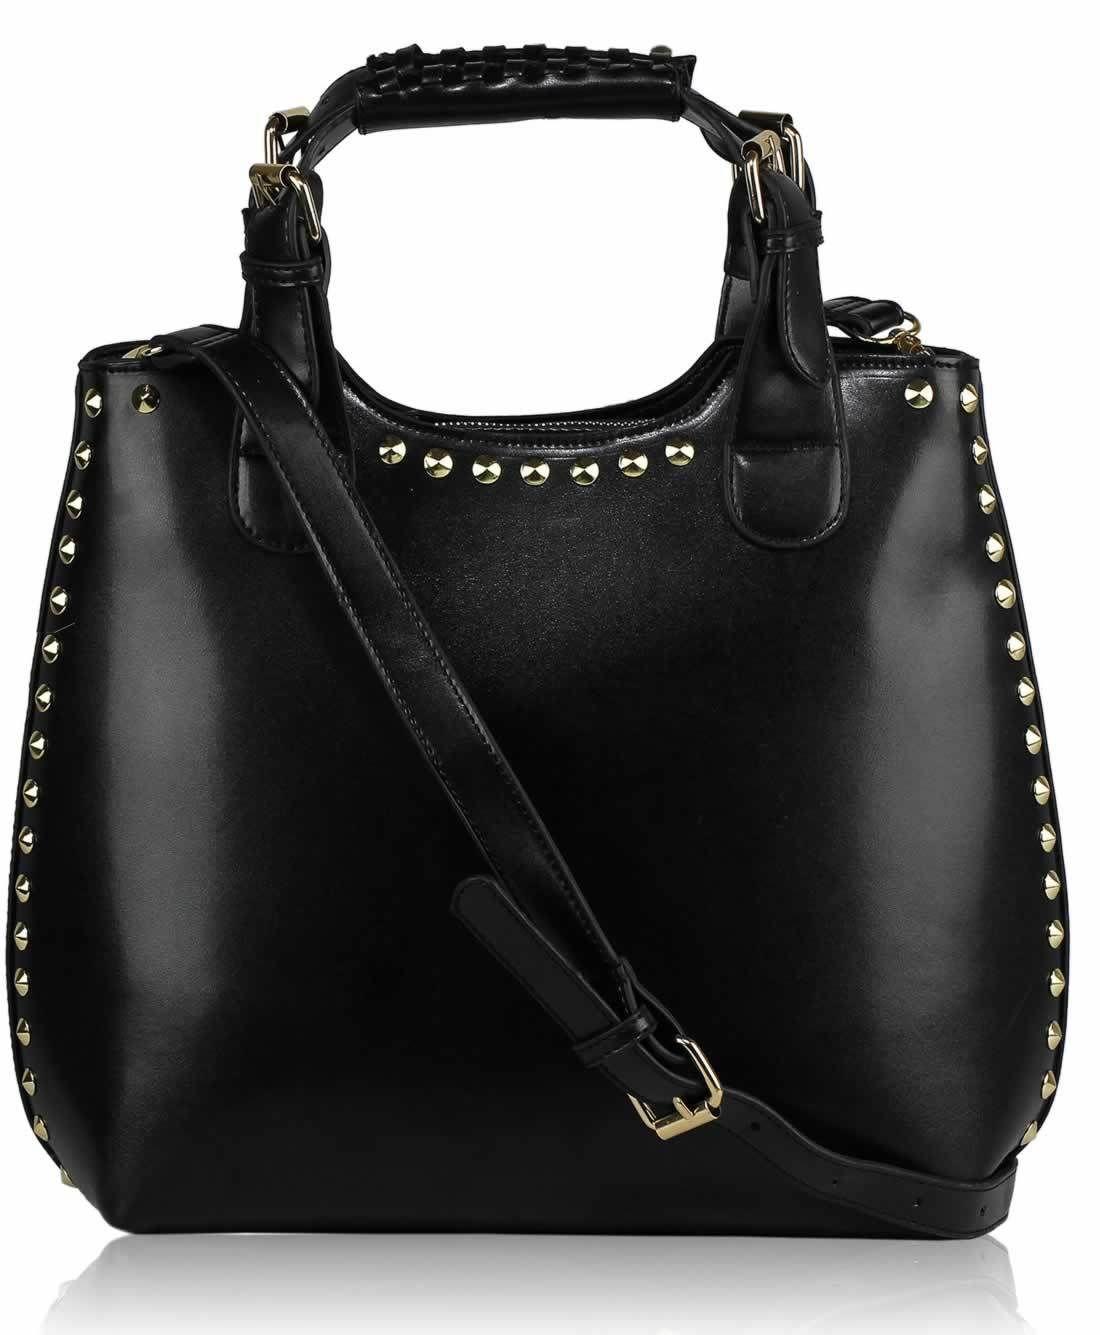 celebrity studded bag - Shopping.com